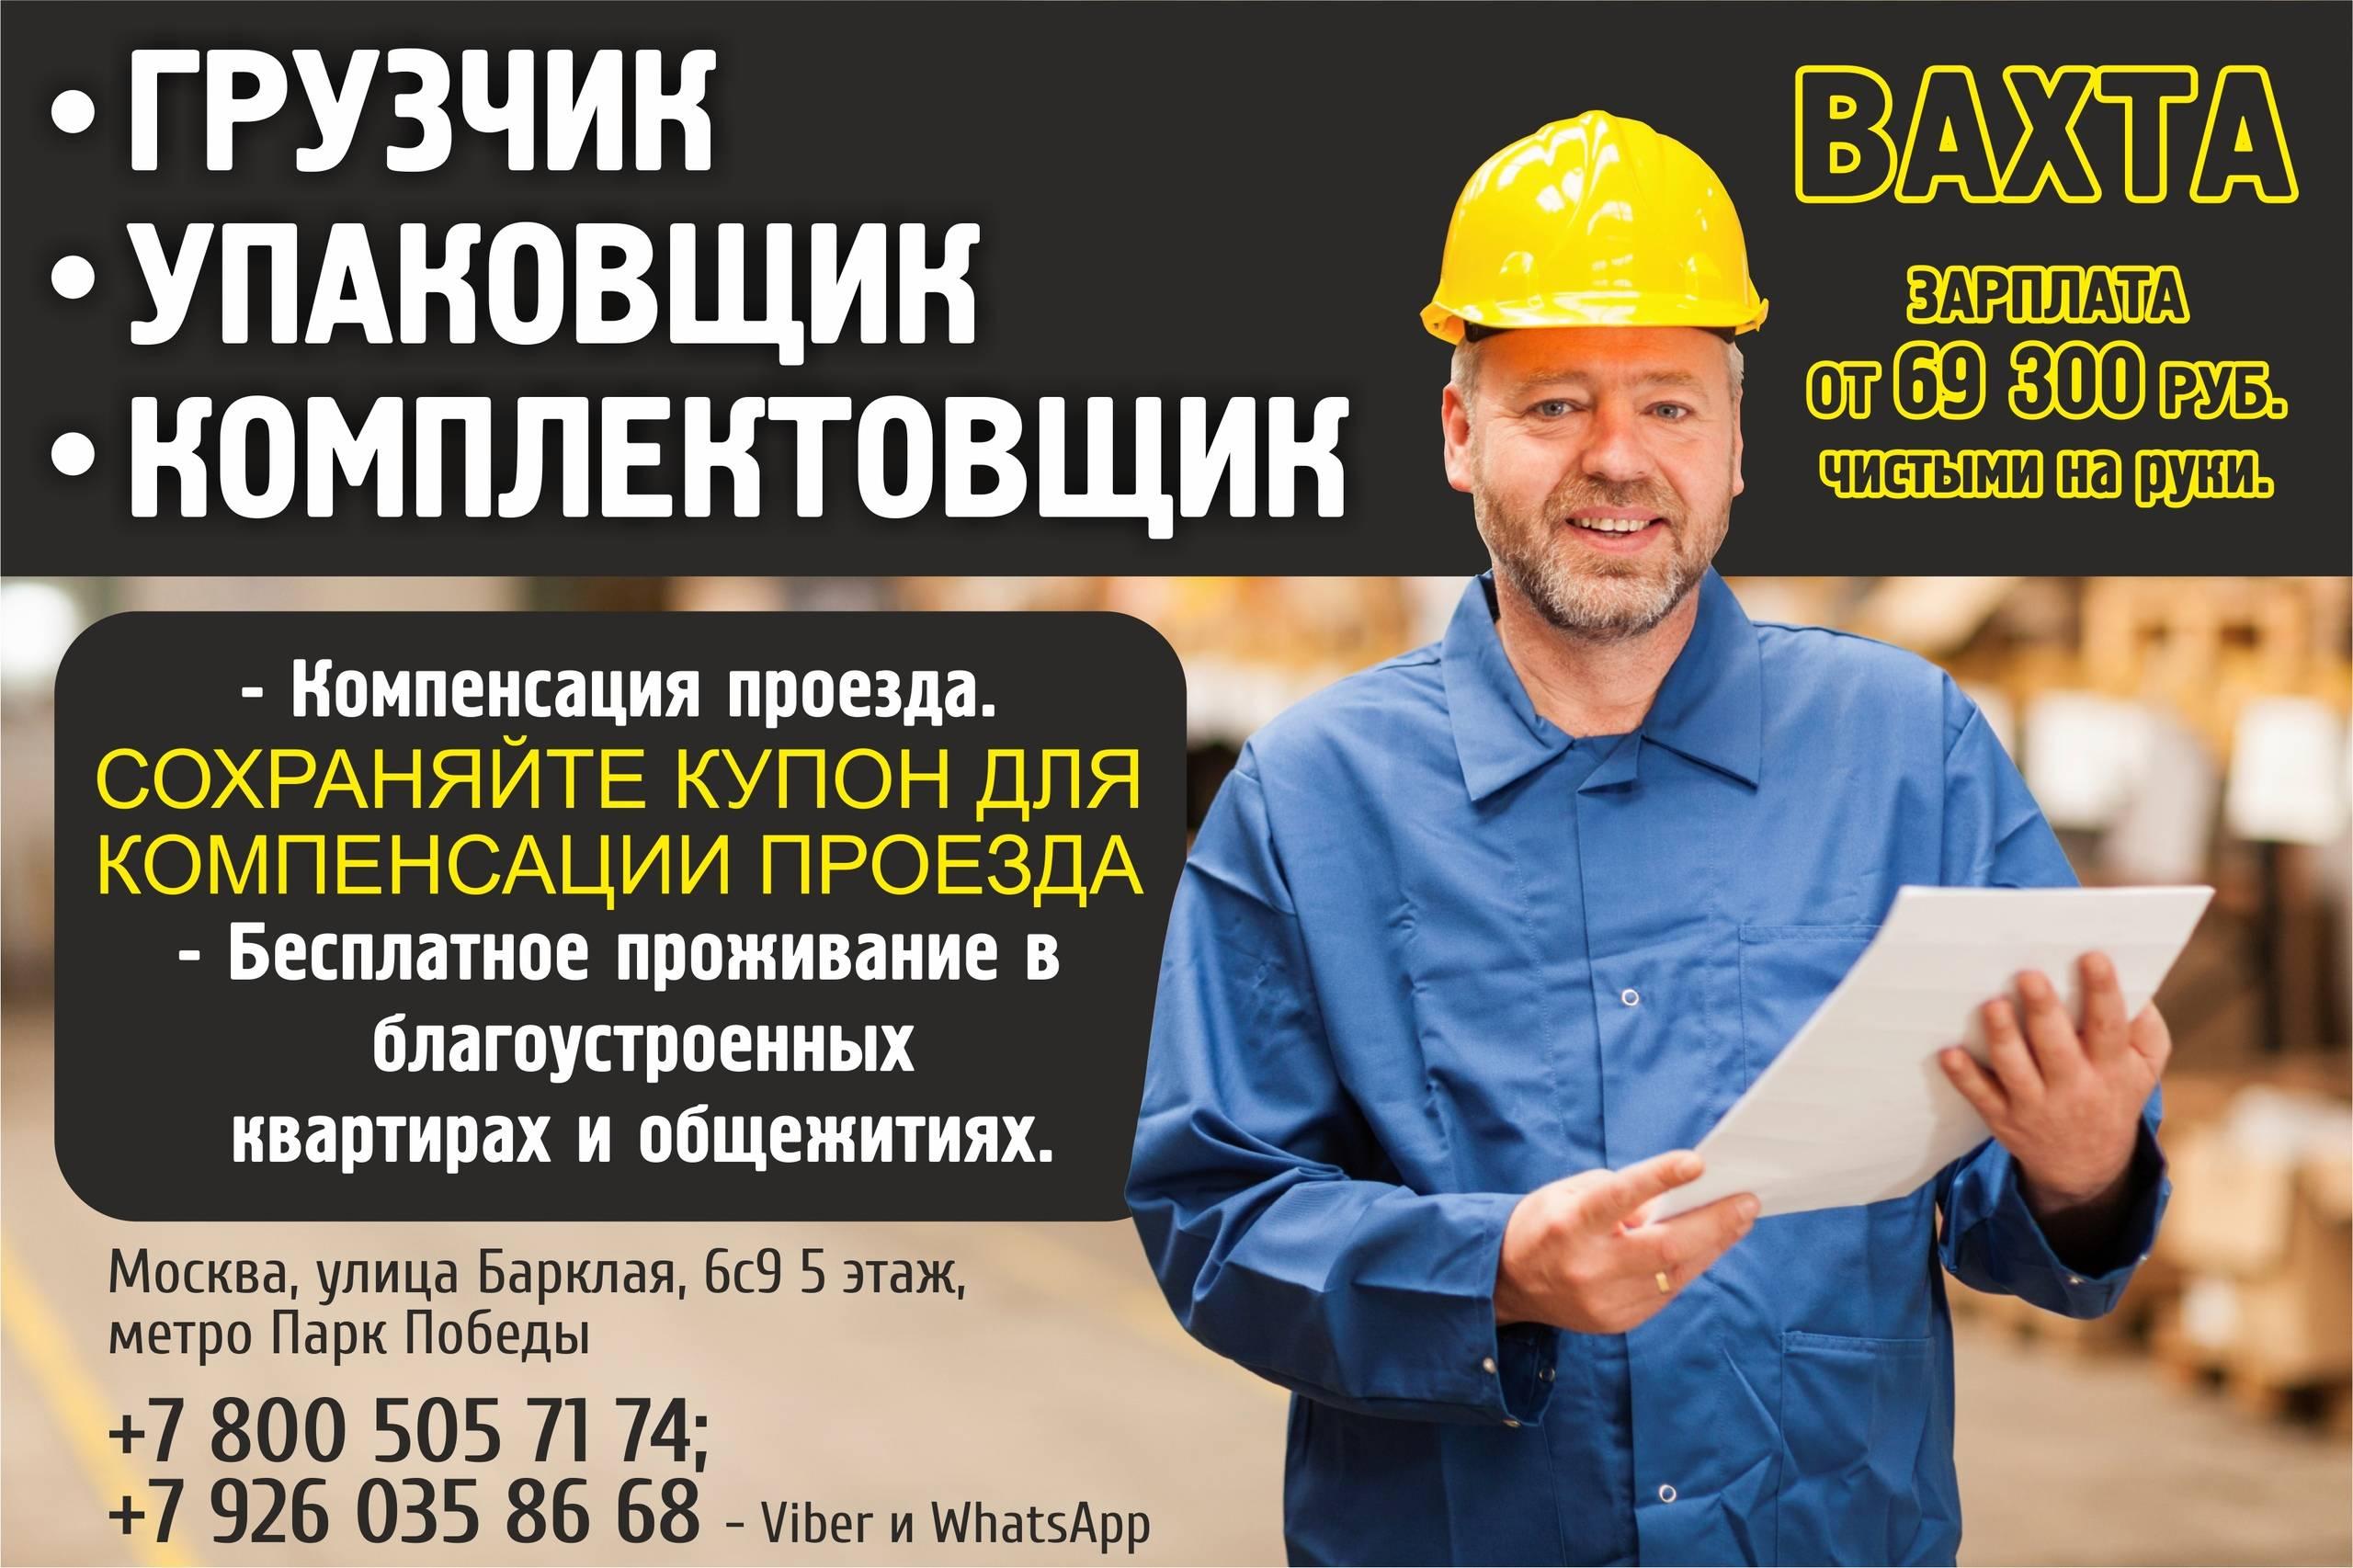 Работа в польше для русских вакансии 2020 без знания языка   в эмиграции